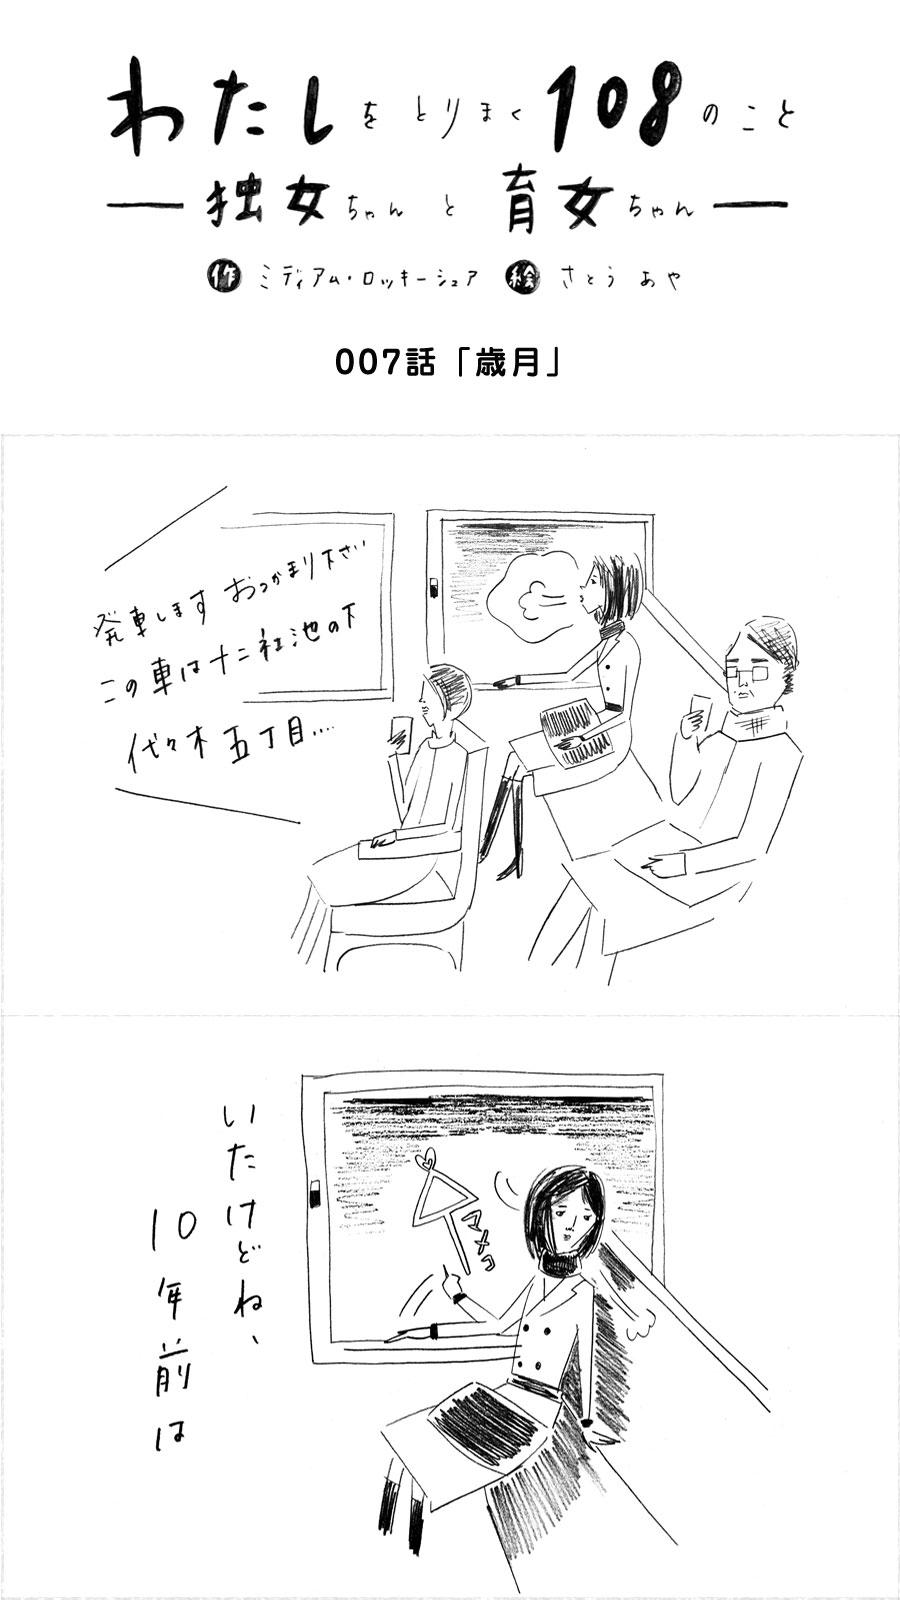 007_独女ちゃん_歳月_003